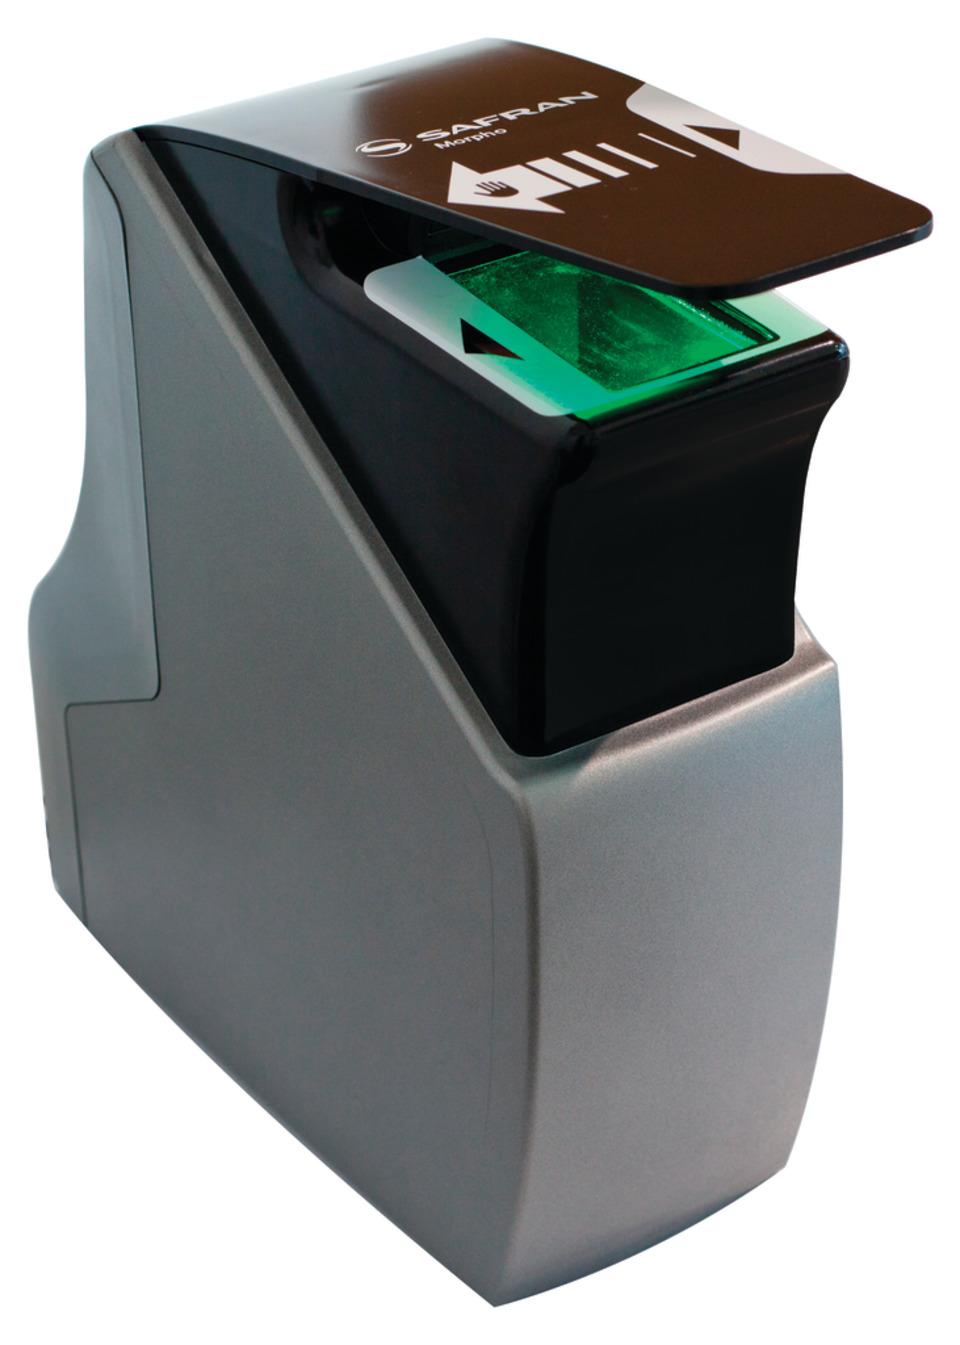 IDEMIA (formerly OT-Morpho) Finger On the Fly in Biometrics